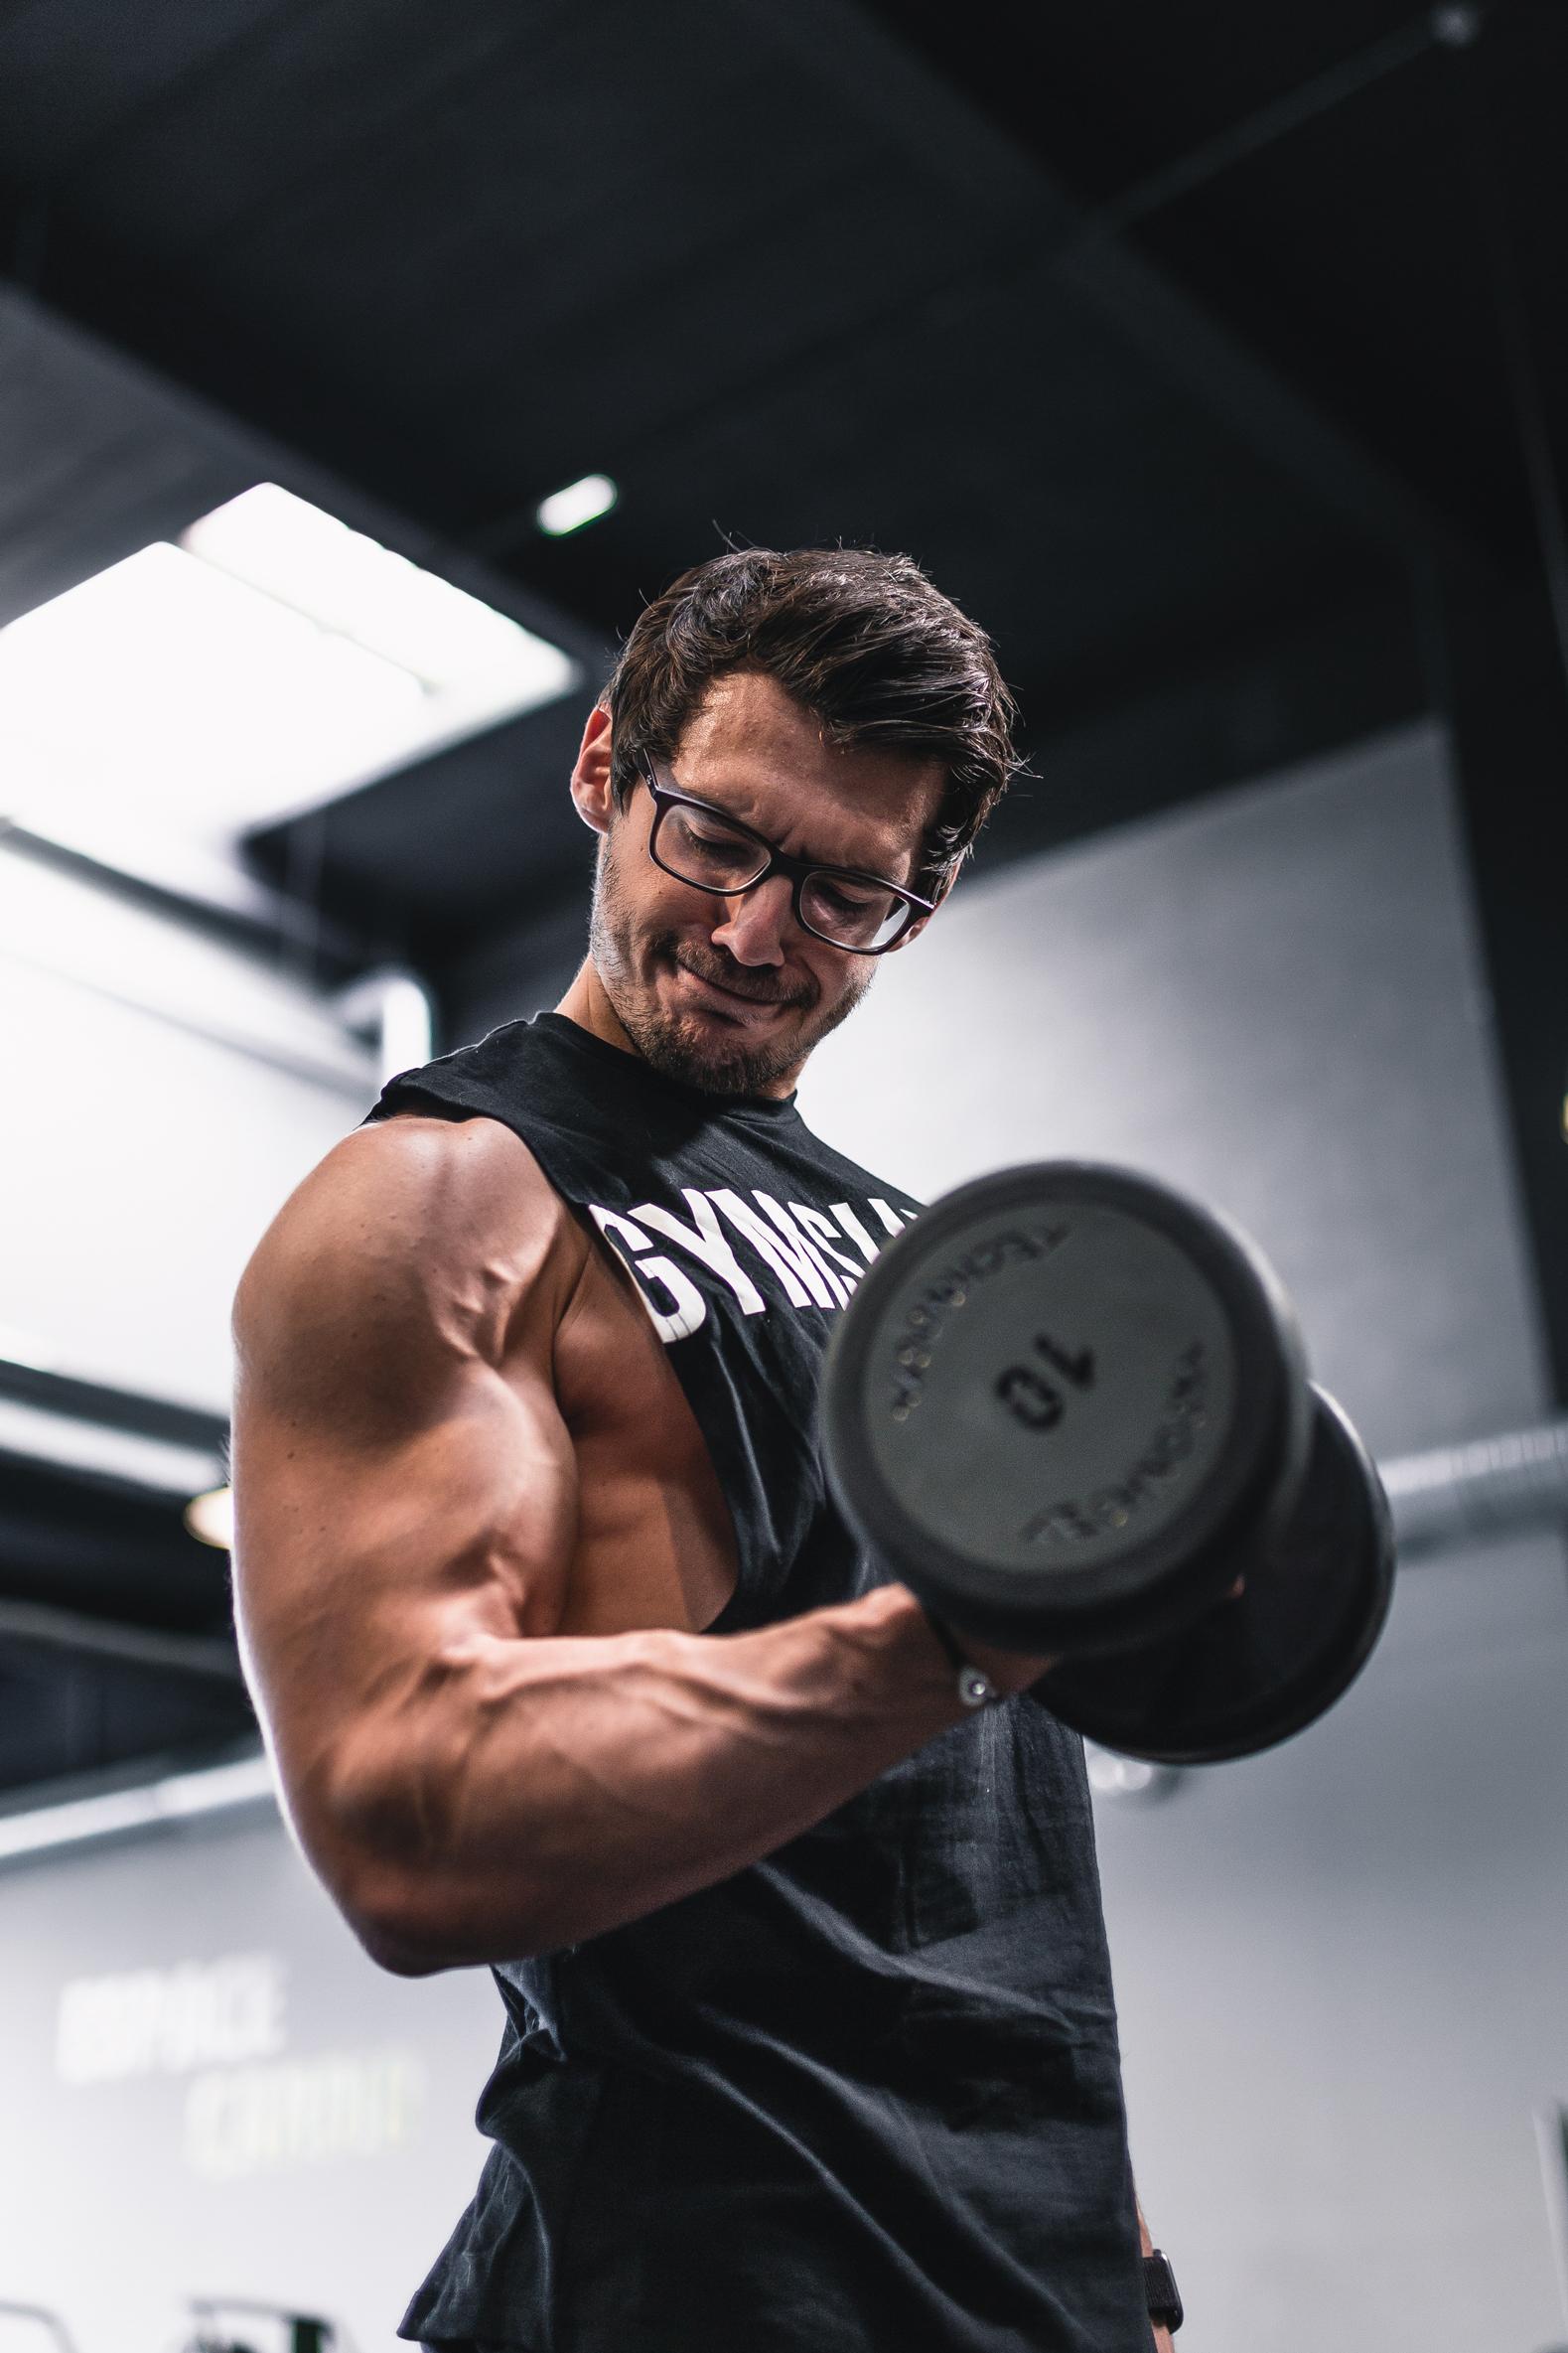 grosguitfit for gymshark